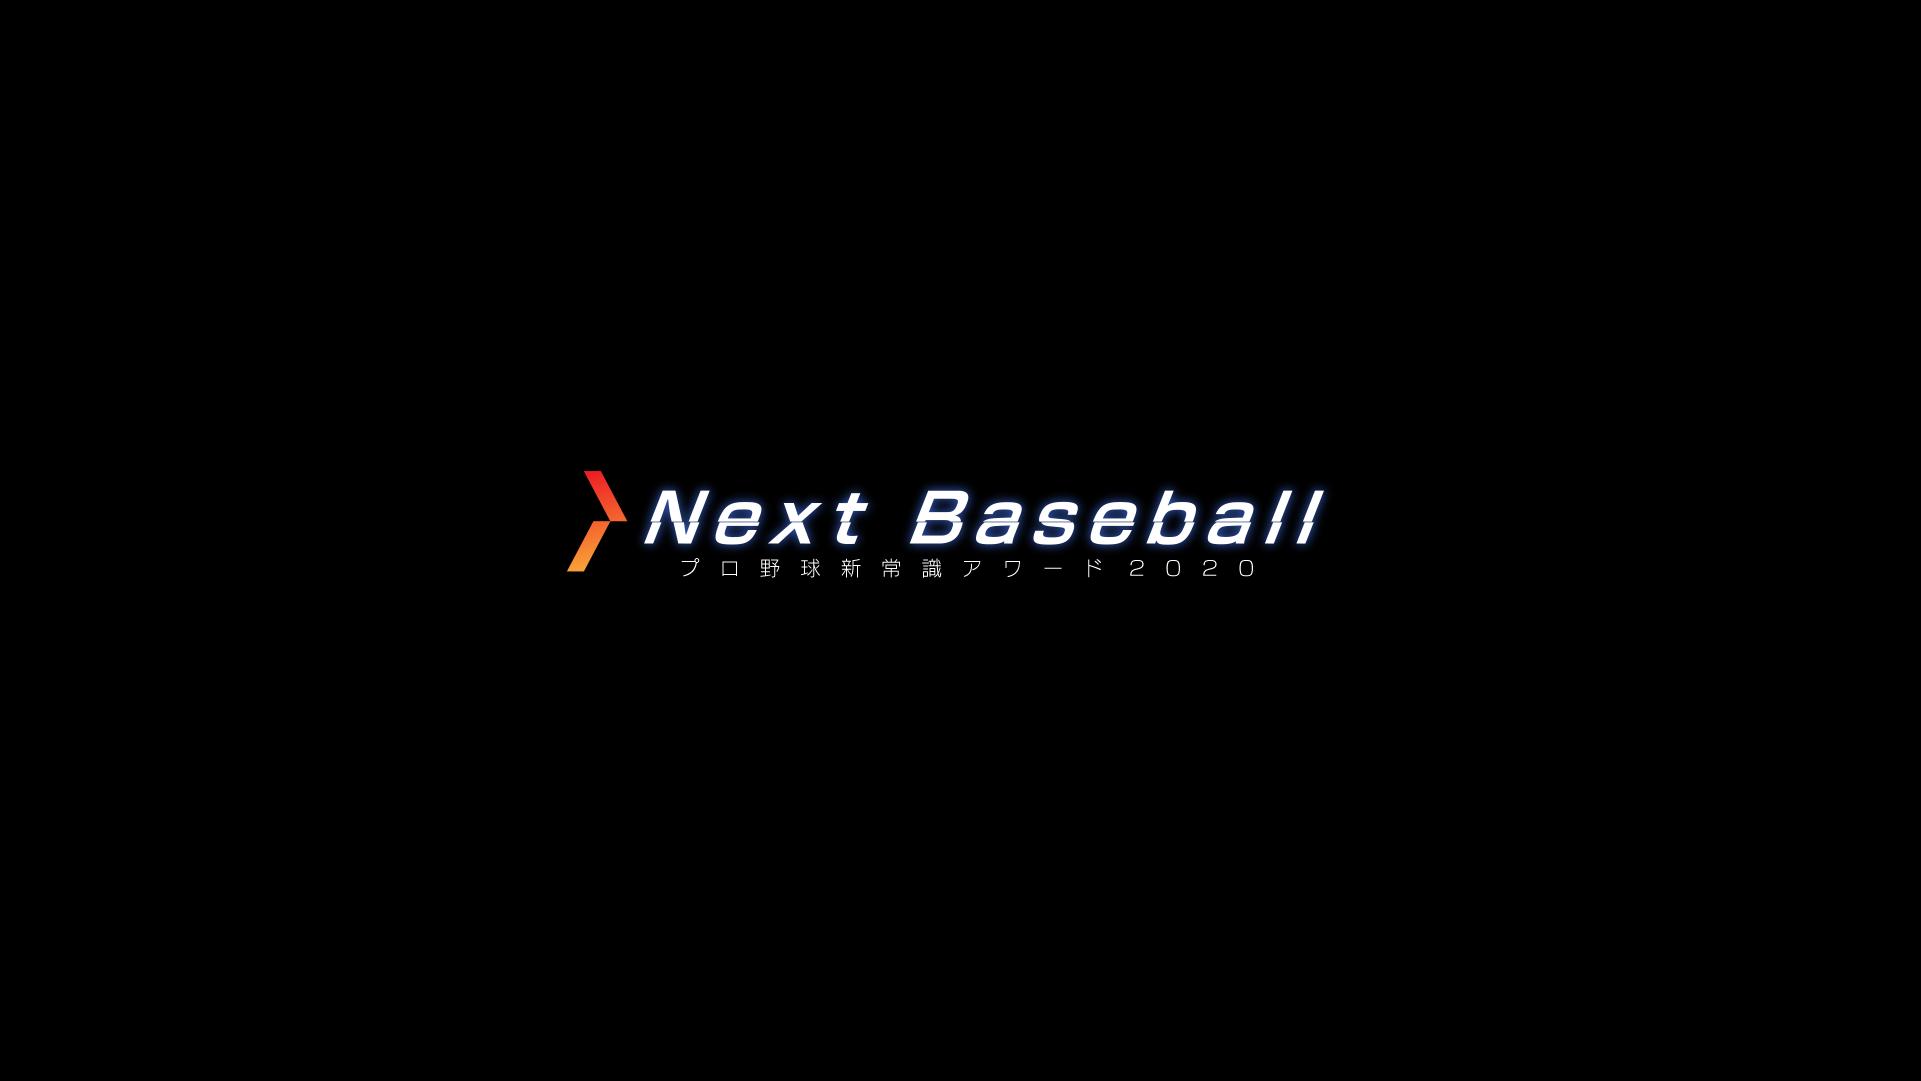 12月26日(土)17:00 O.A.<br>dTVチャンネル・ひかりTV「Next Baseball 〜プロ野球新常識アワード2020〜 2020年ペナントレースのデータを分析」